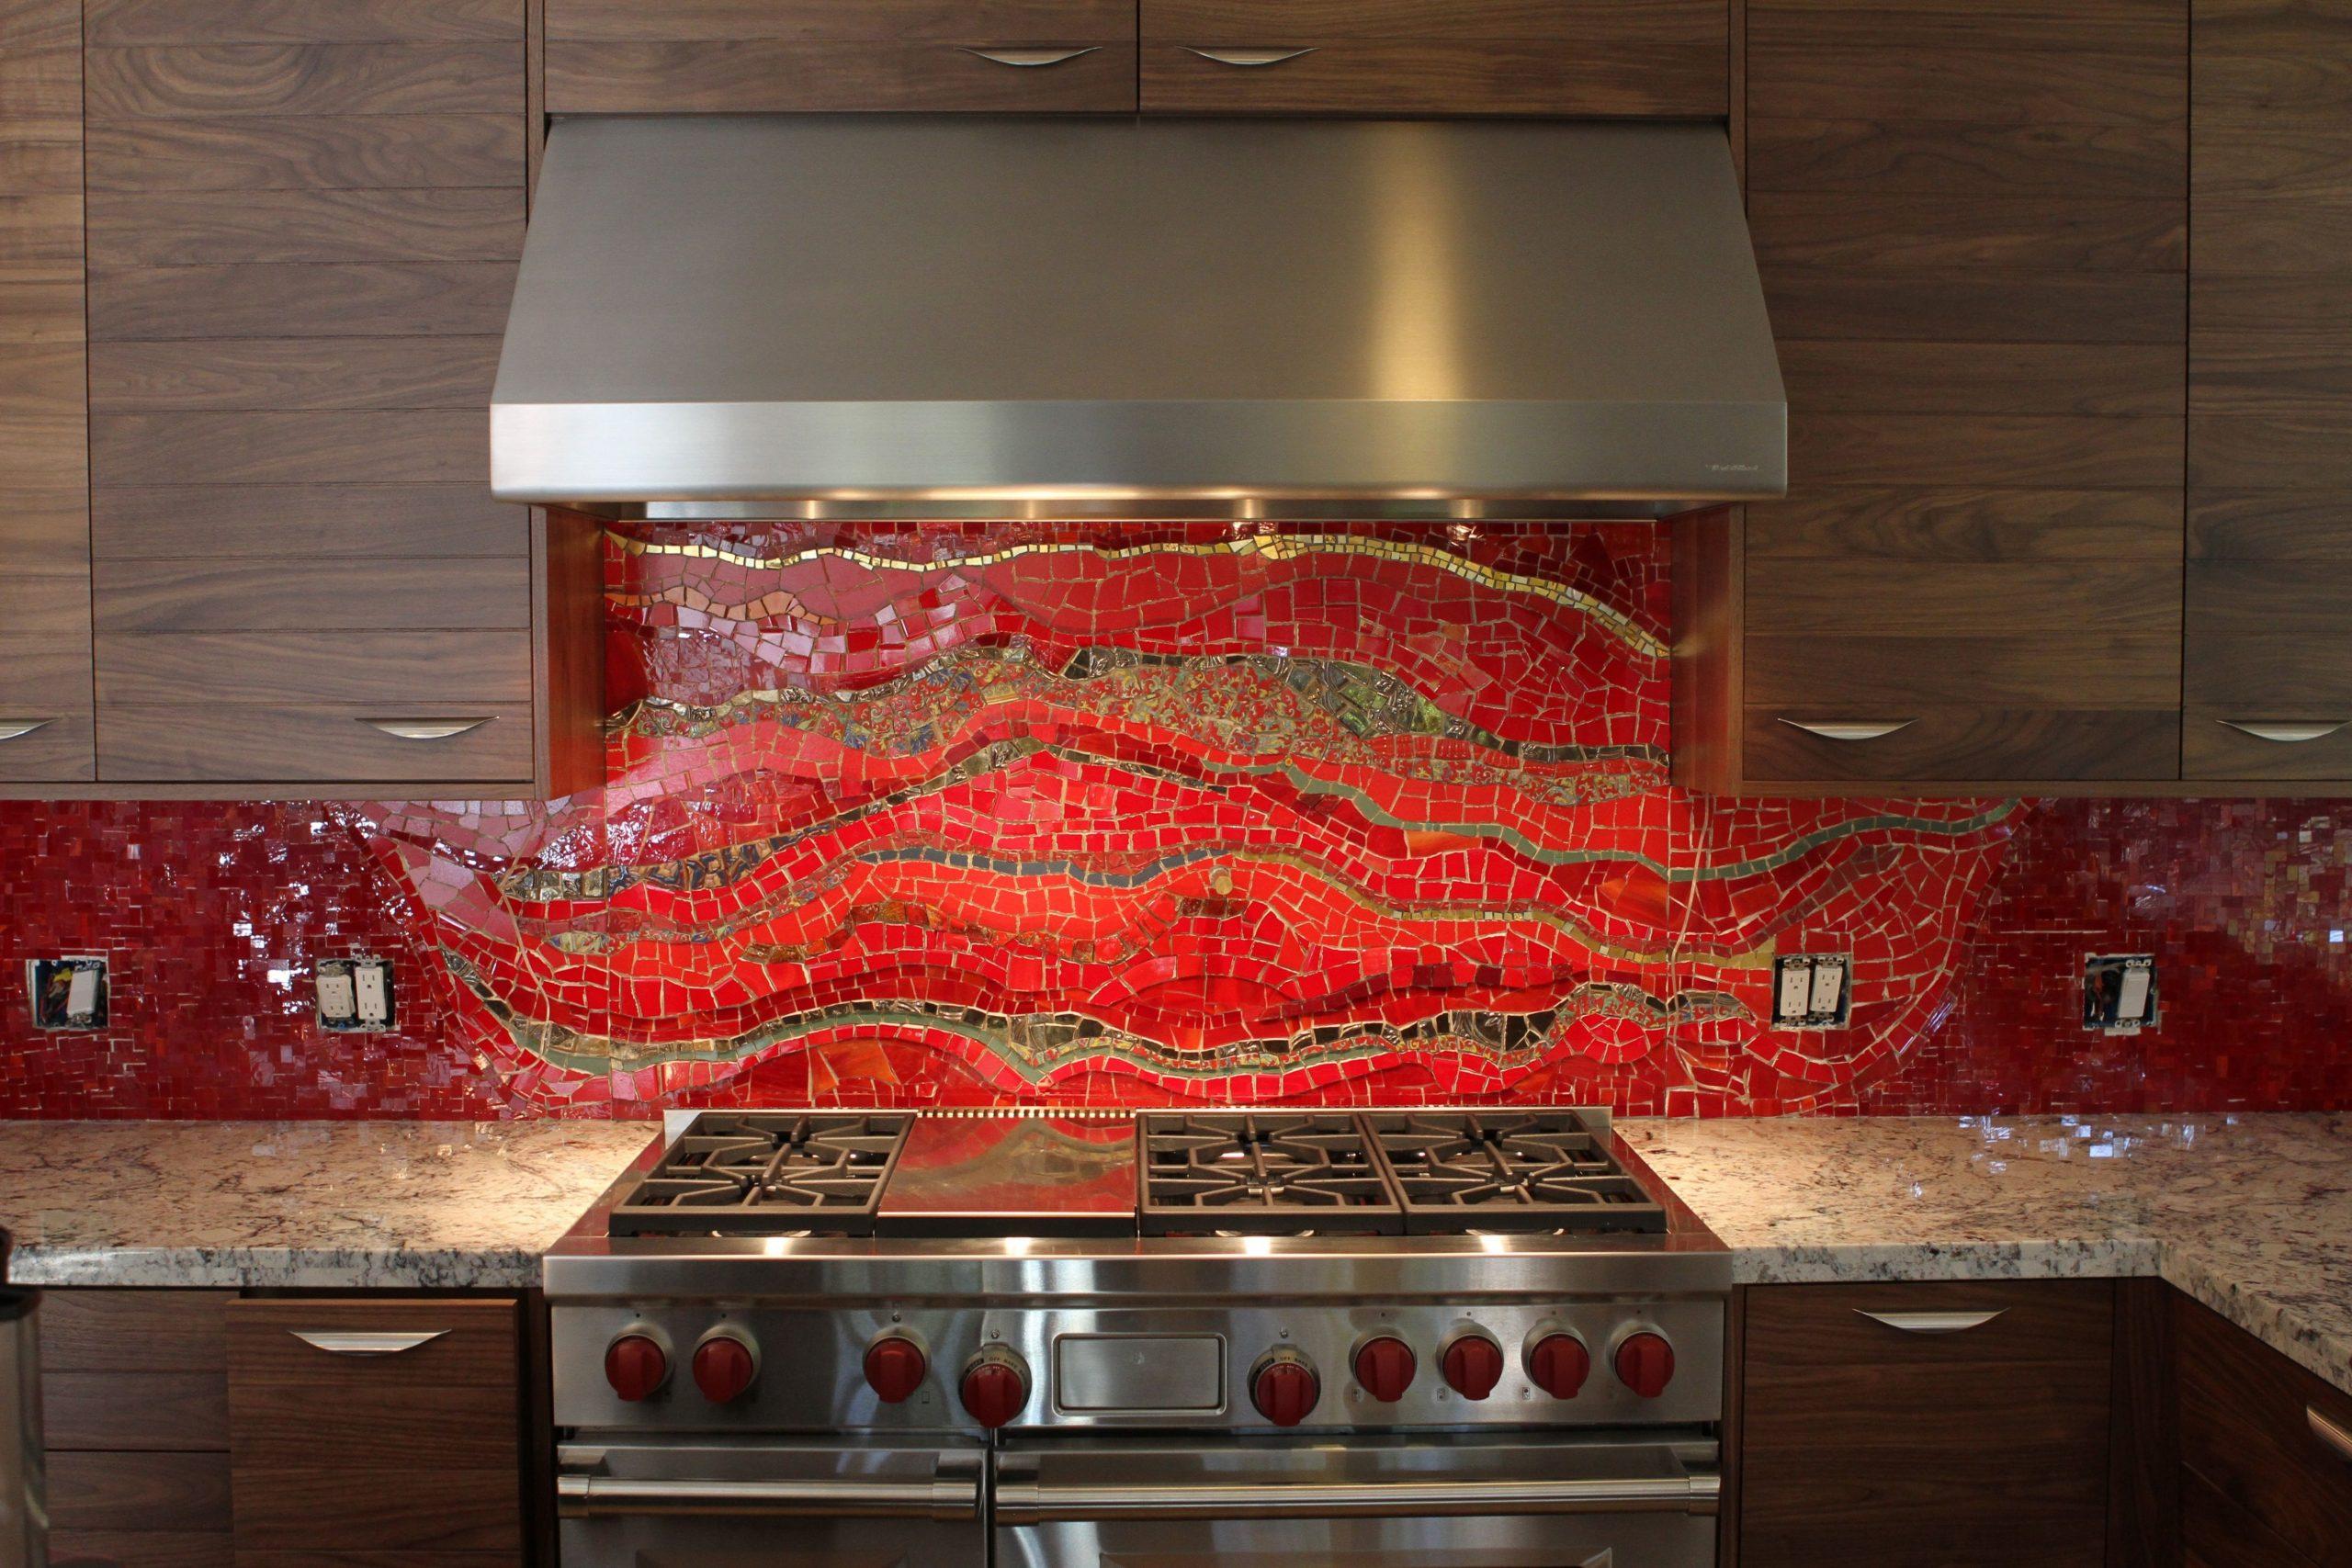 bethpurcellmosaics red kitchen backsplash  Mosaic backsplash  - Backsplash For Red Kitchen Cabinets